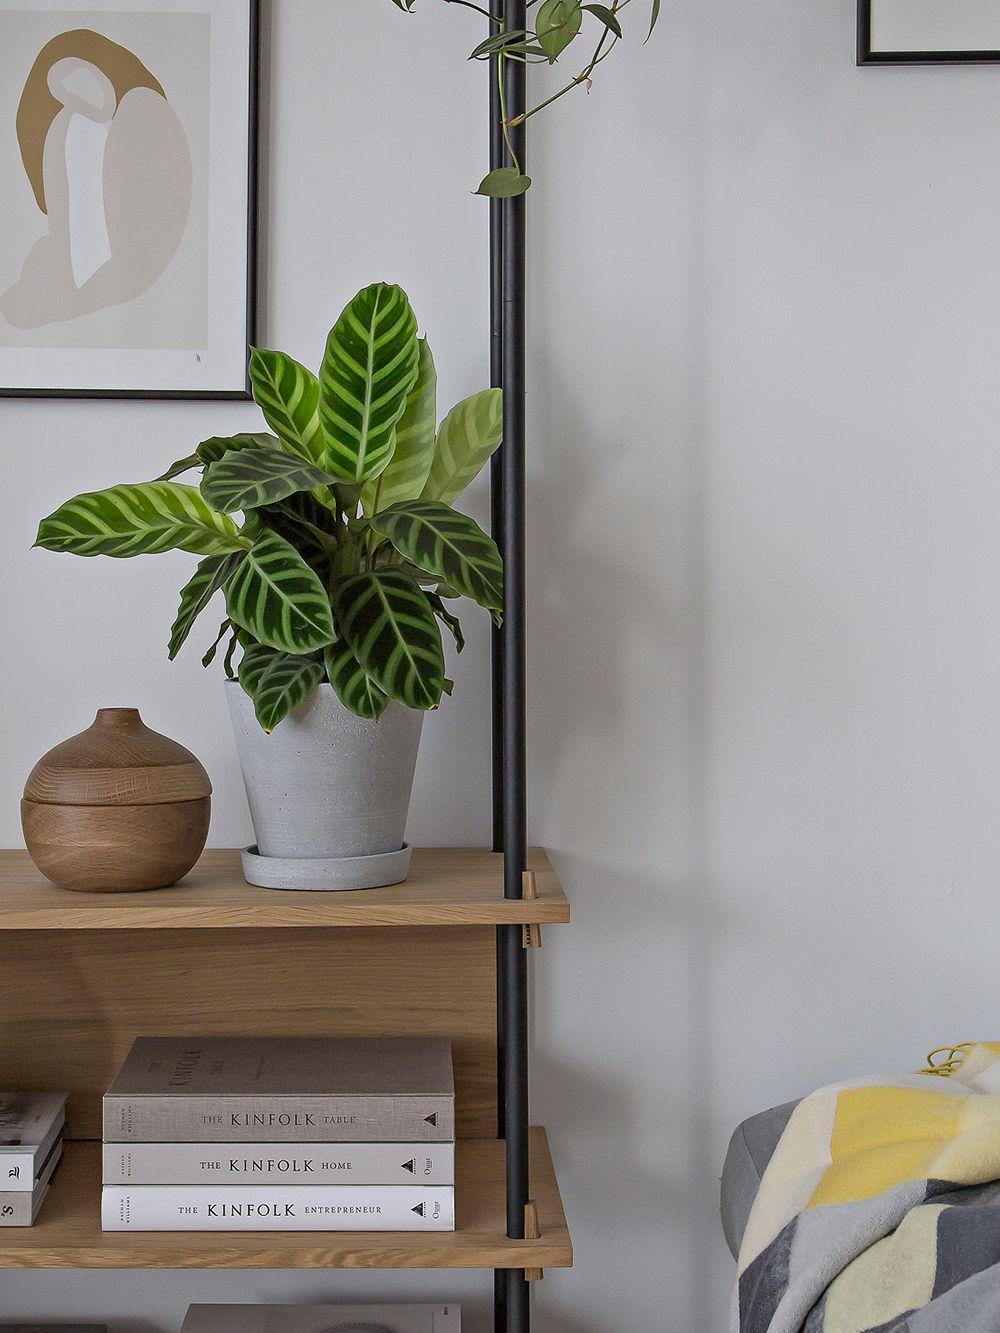 Hay's Flowerpot on a shelf in a living room.